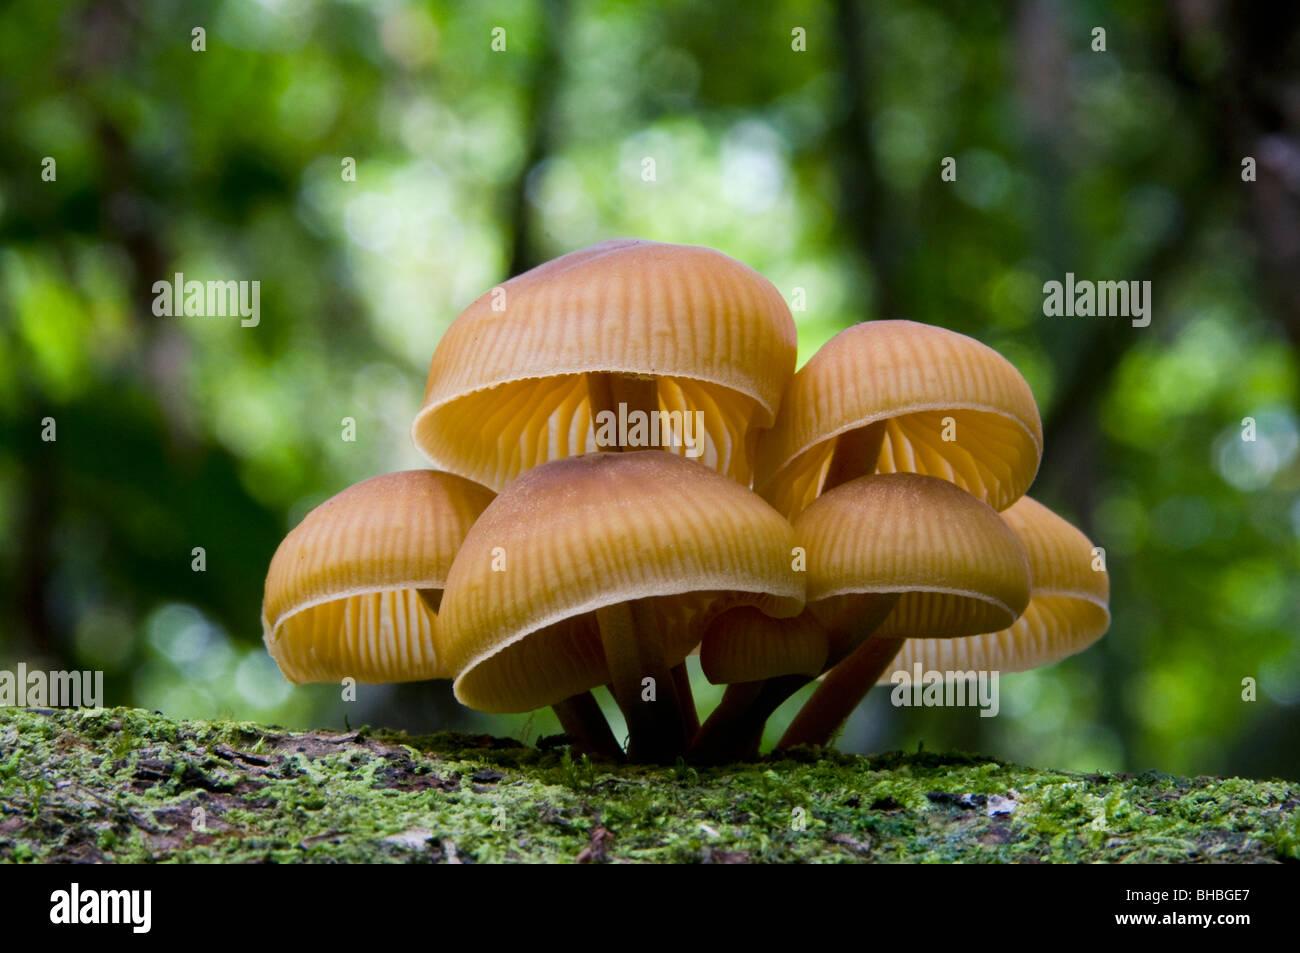 Funghi caduti sul registro della foresta pluviale, Camp 1, Marojejy National Park, Madagascar Immagini Stock